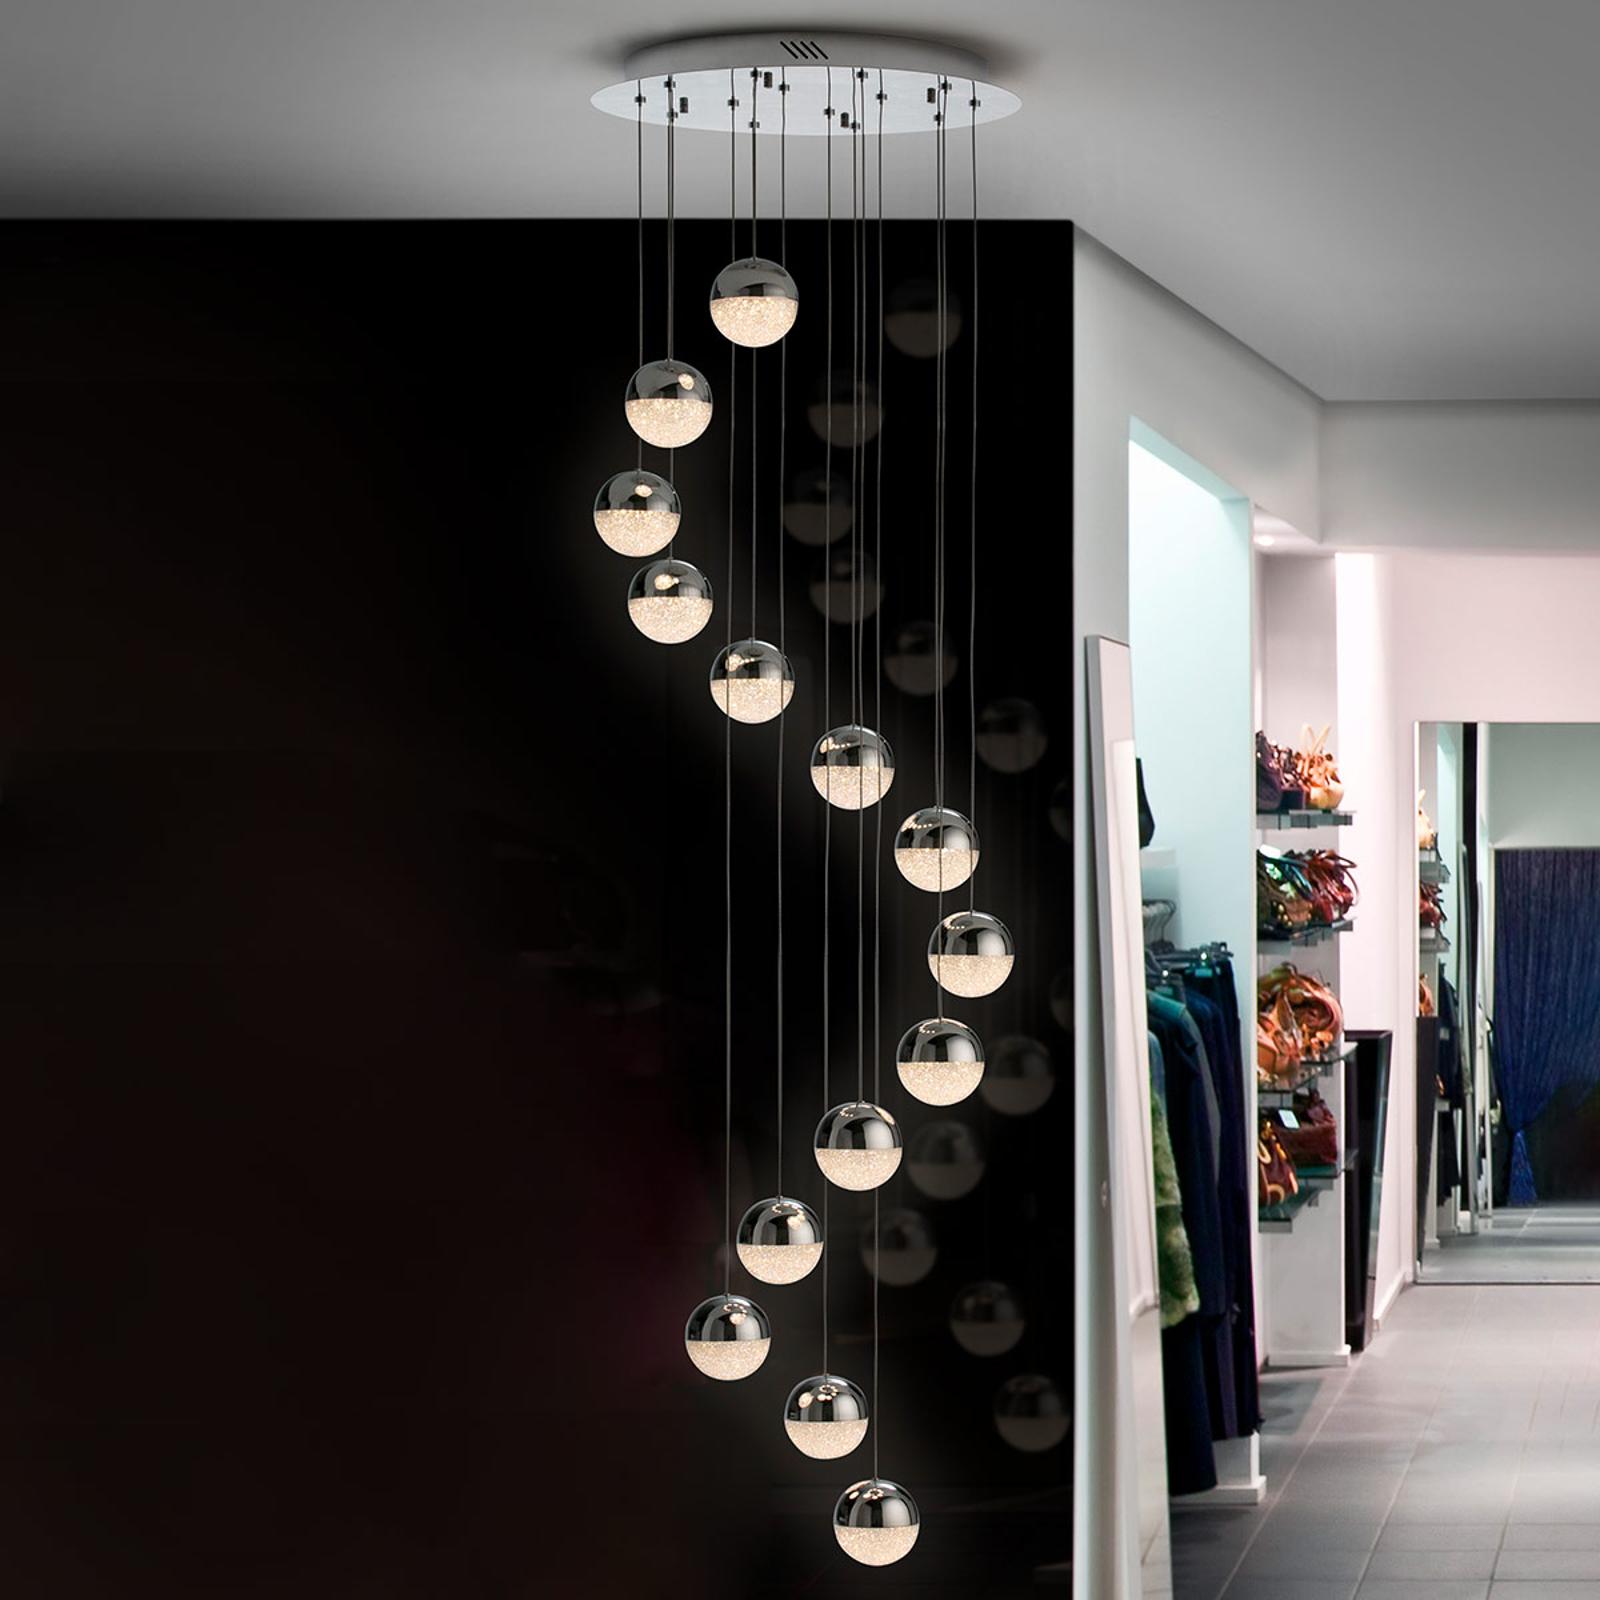 LED-pendellampe Sphere, 14 lyskilder, krom